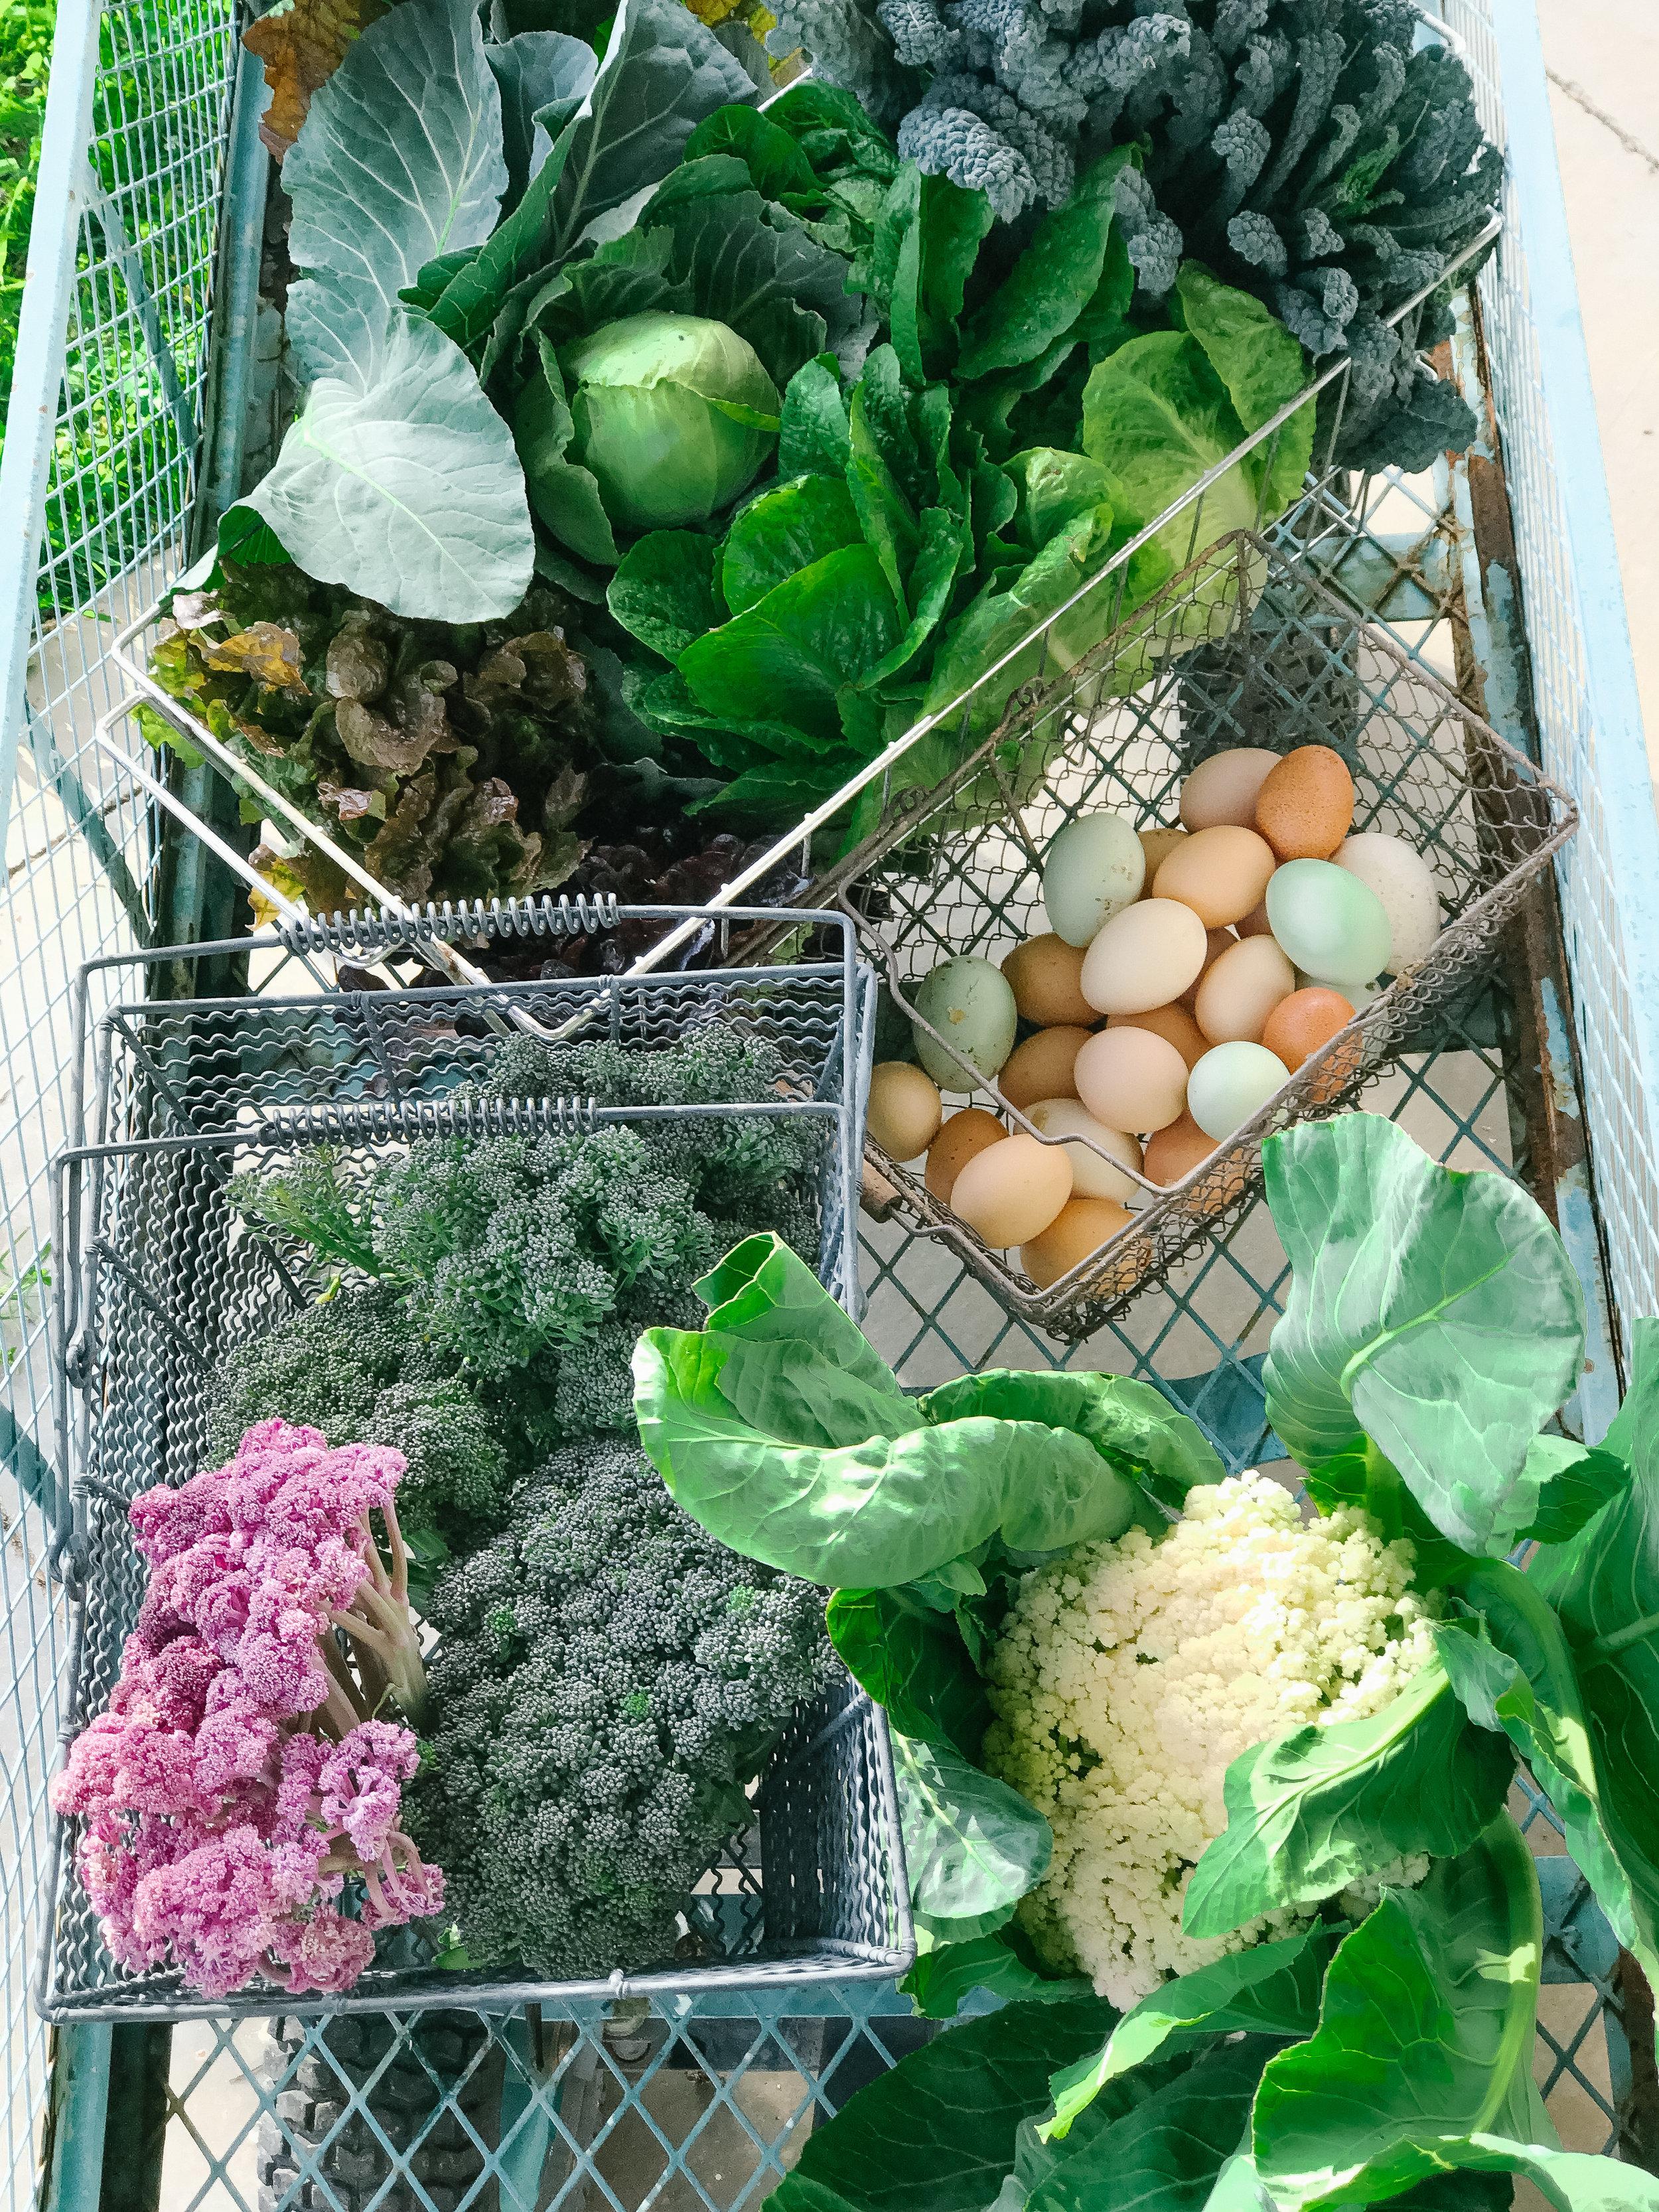 Farm to Fork Soup #farmtofork #nutrition #gardenfresh #farmtotable #farming #healthyfood #farmfresh #nutritionist #lab #labrador #garden #homesteading